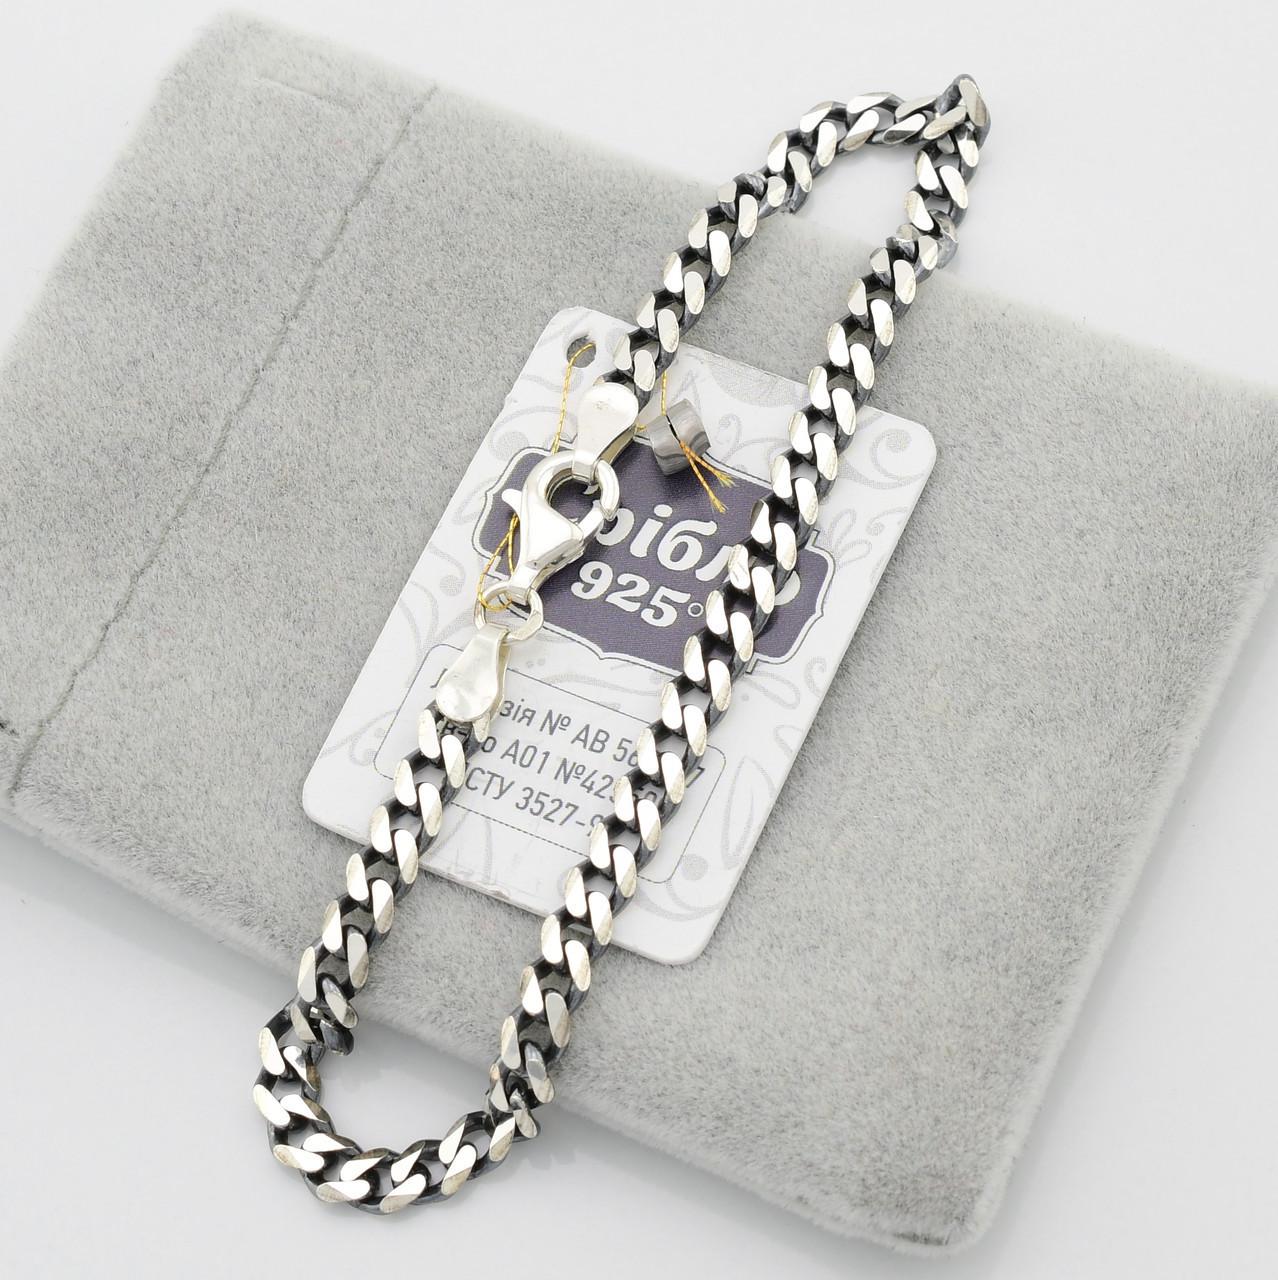 Серебряный браслет с чернением Панцирная скруглённая длина 22 см ширина 4 мм вес серебра 6.2 г